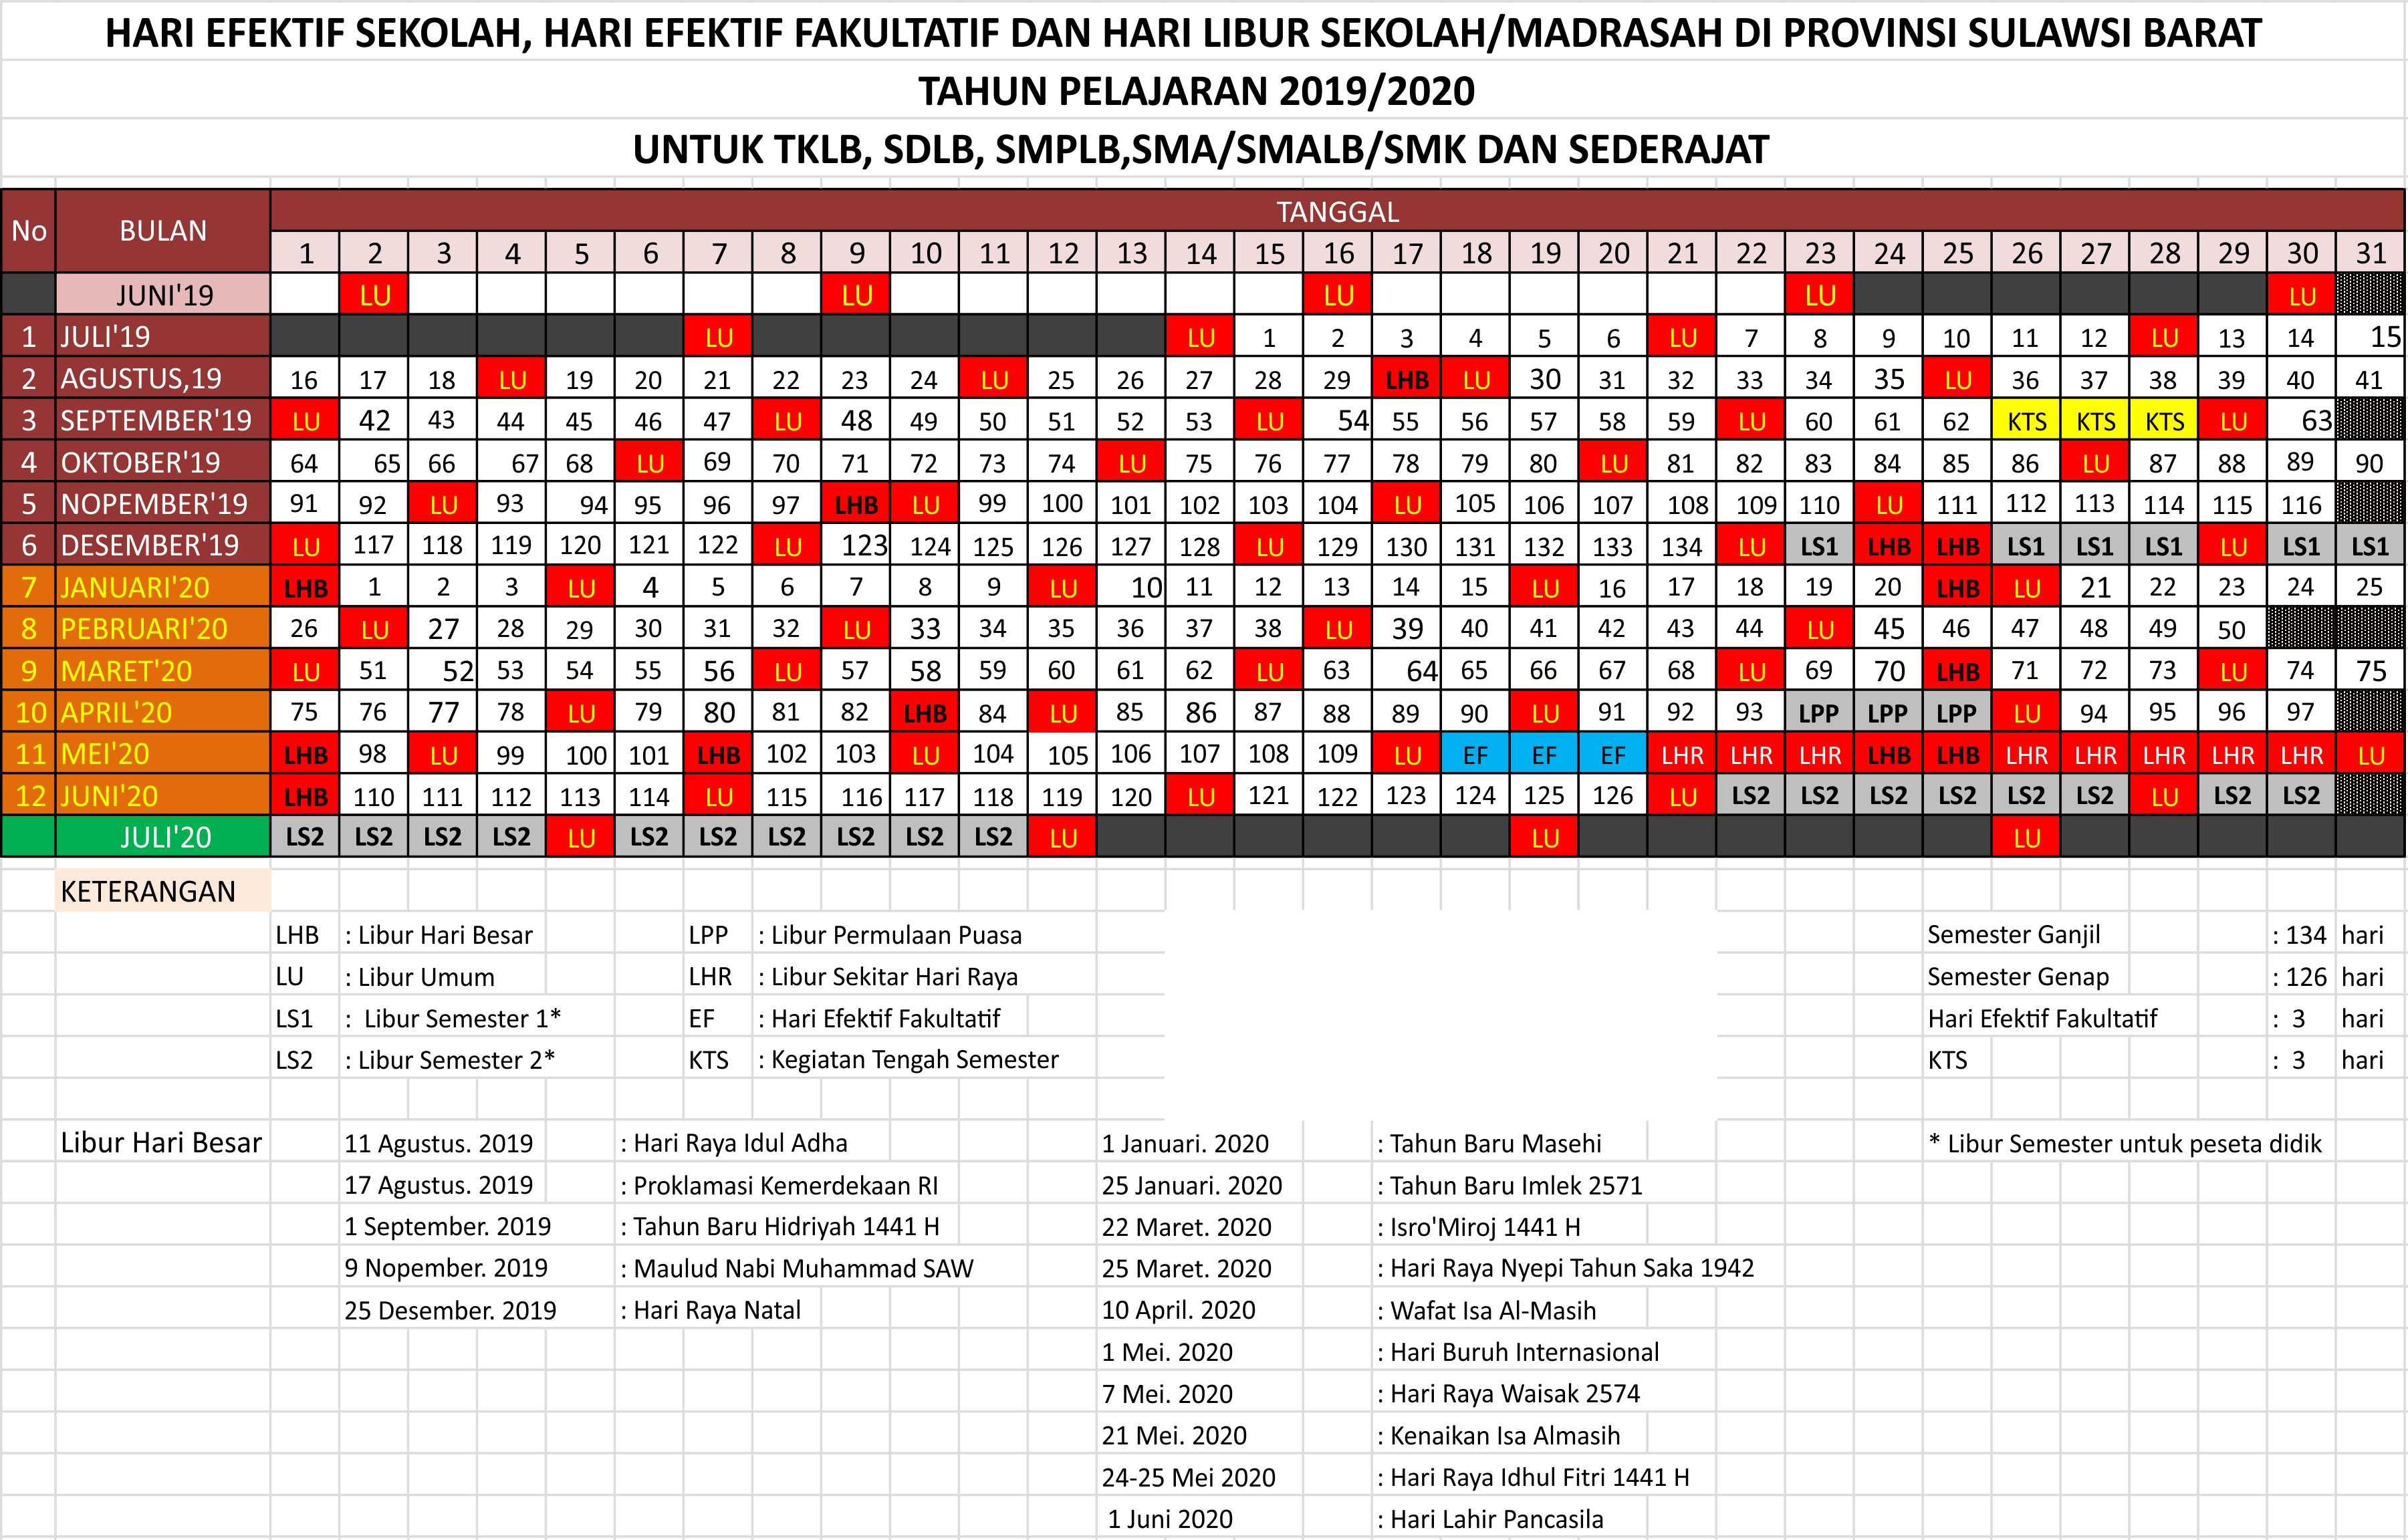 kalender pendidikan 2019 - 2020 sulawesi barat